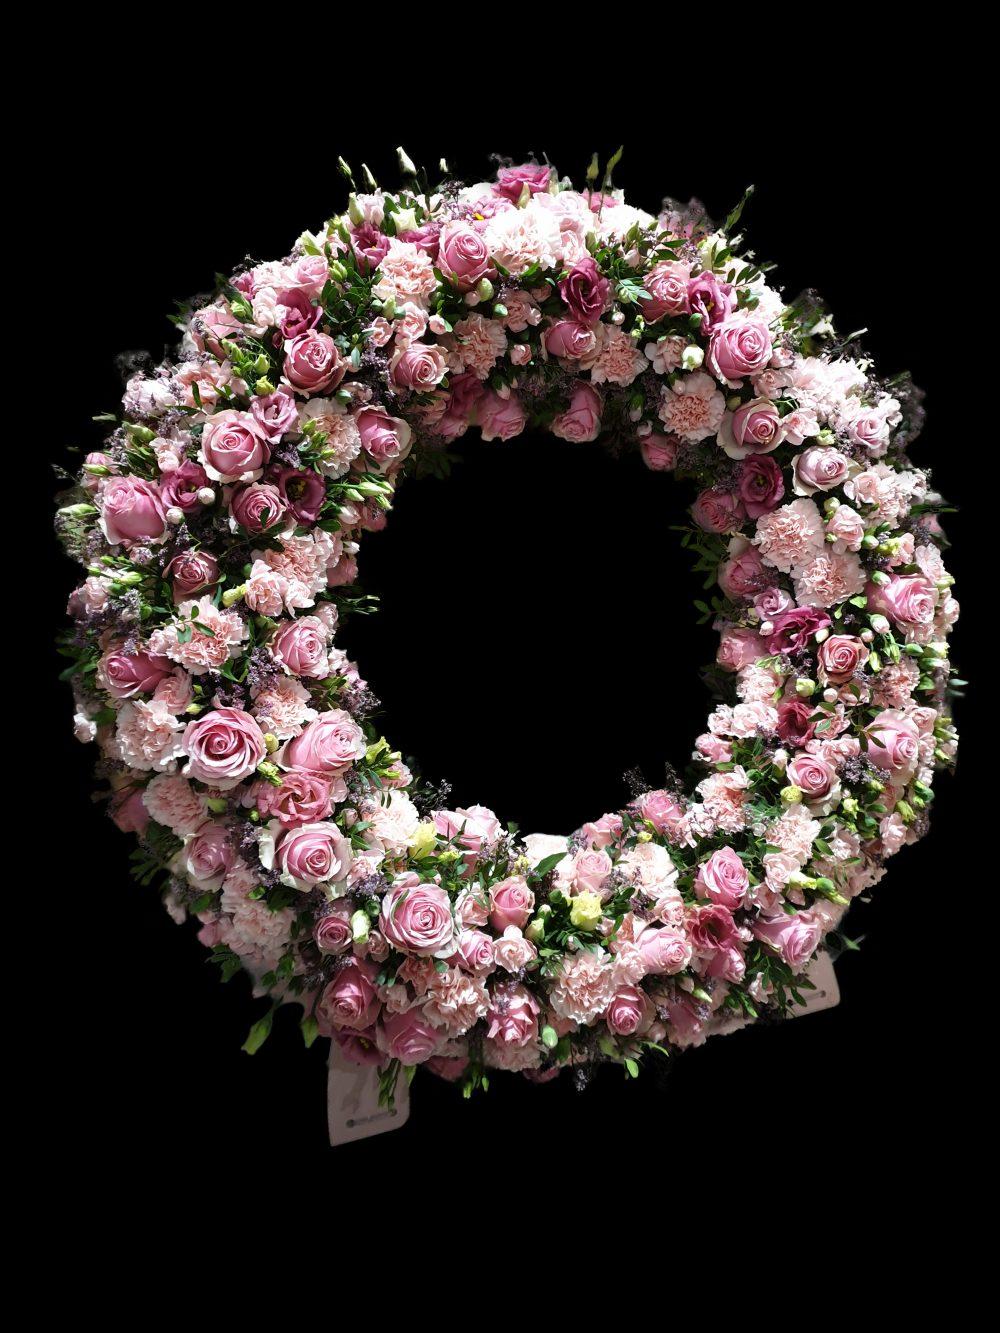 Kwiaty Na Pogrzeb Kompozycje Nagrobne Wiazanki Wience Pogrzebowe